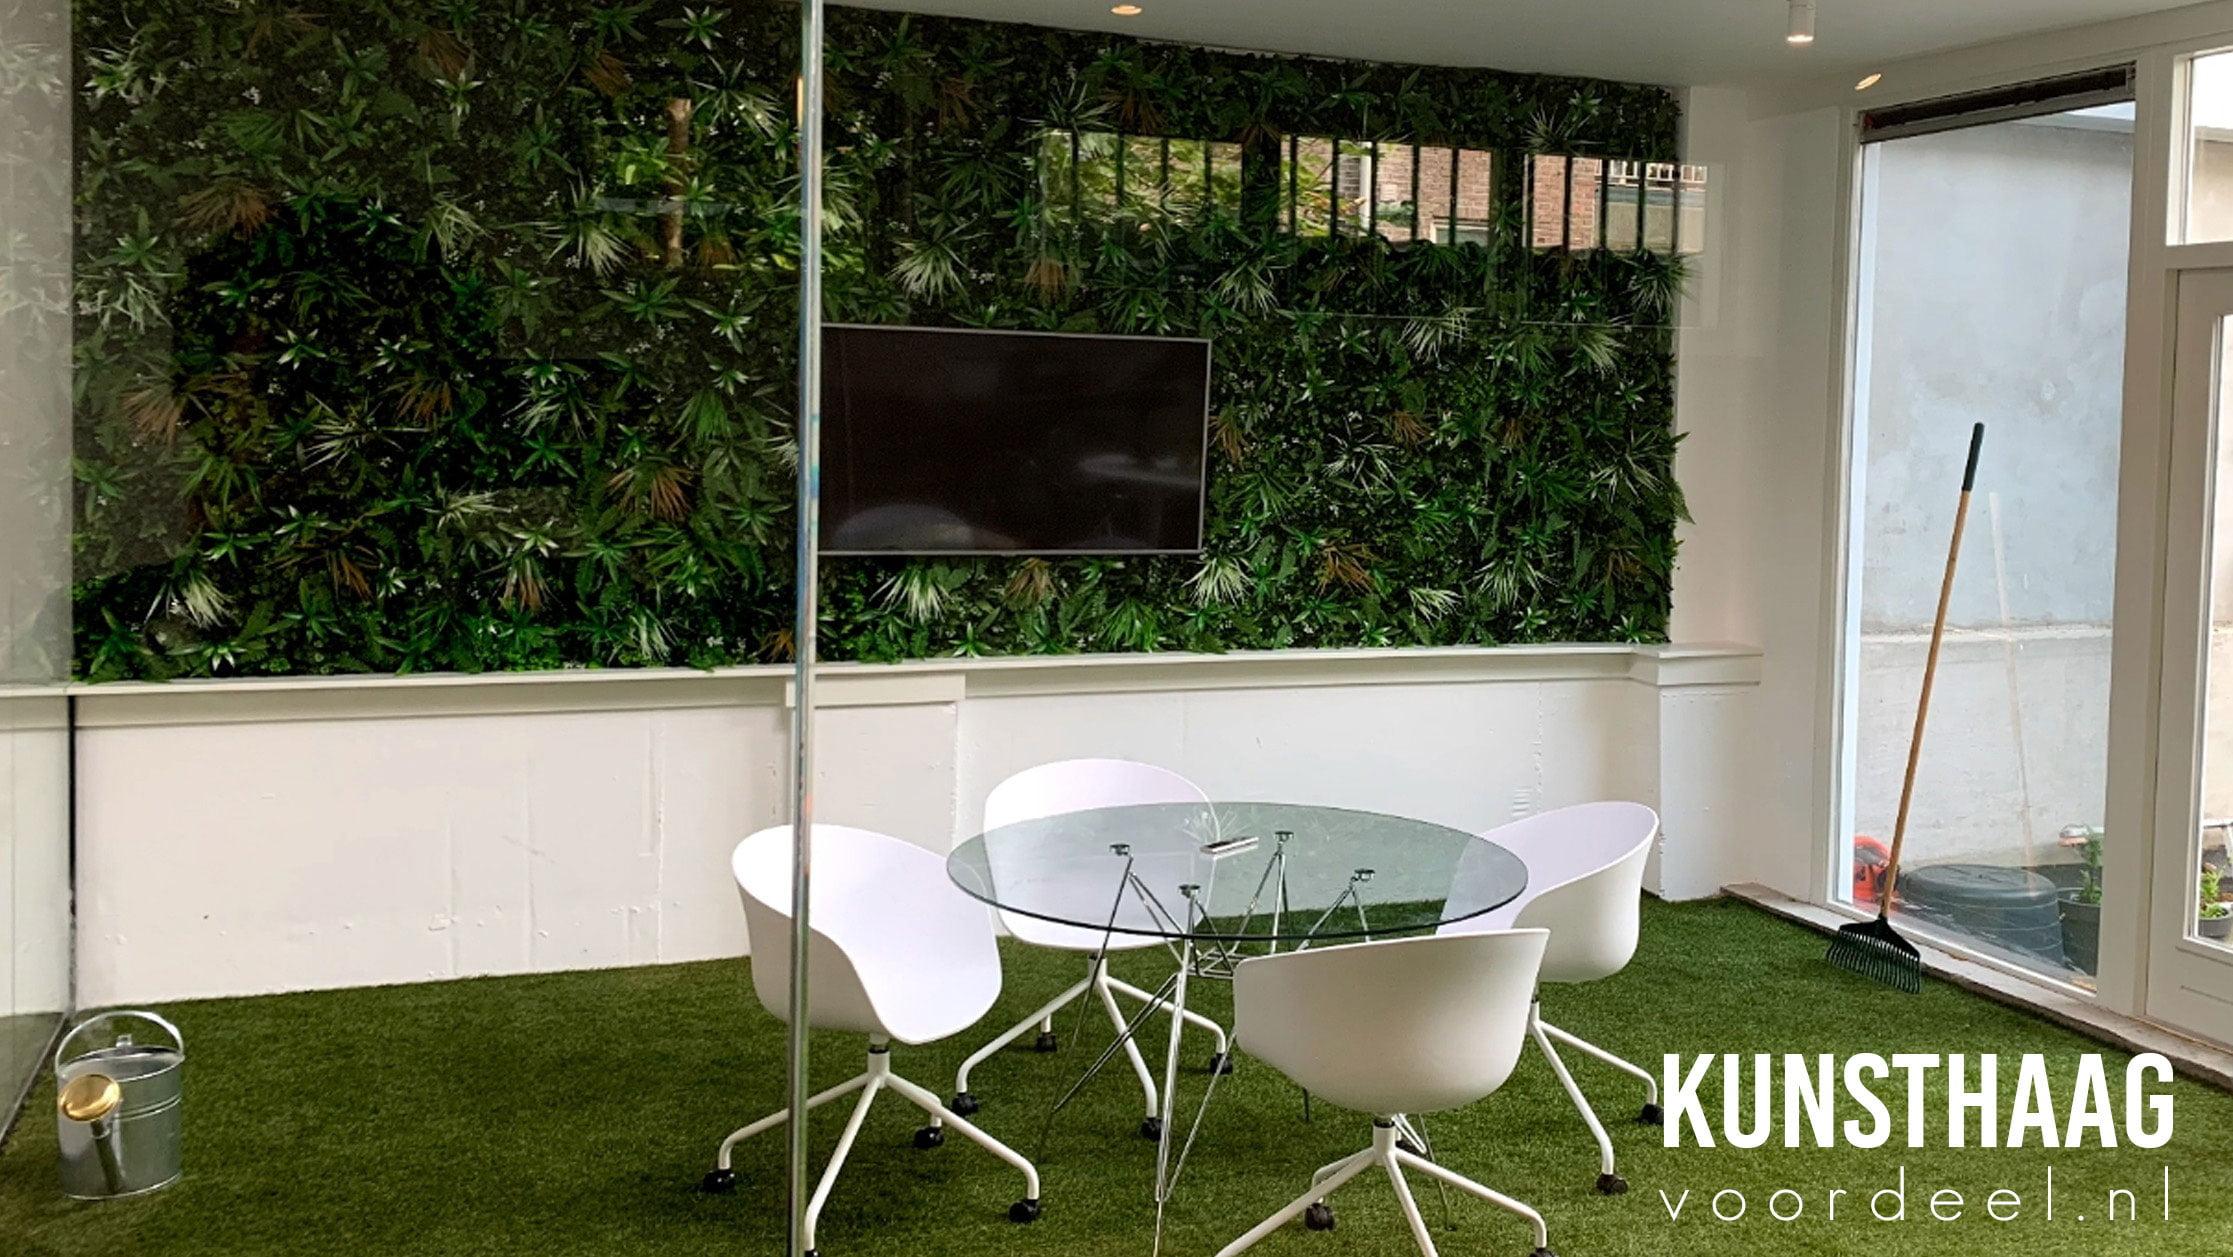 Kunstplantenwand-op-kantoor-kunsthaagvoordeel